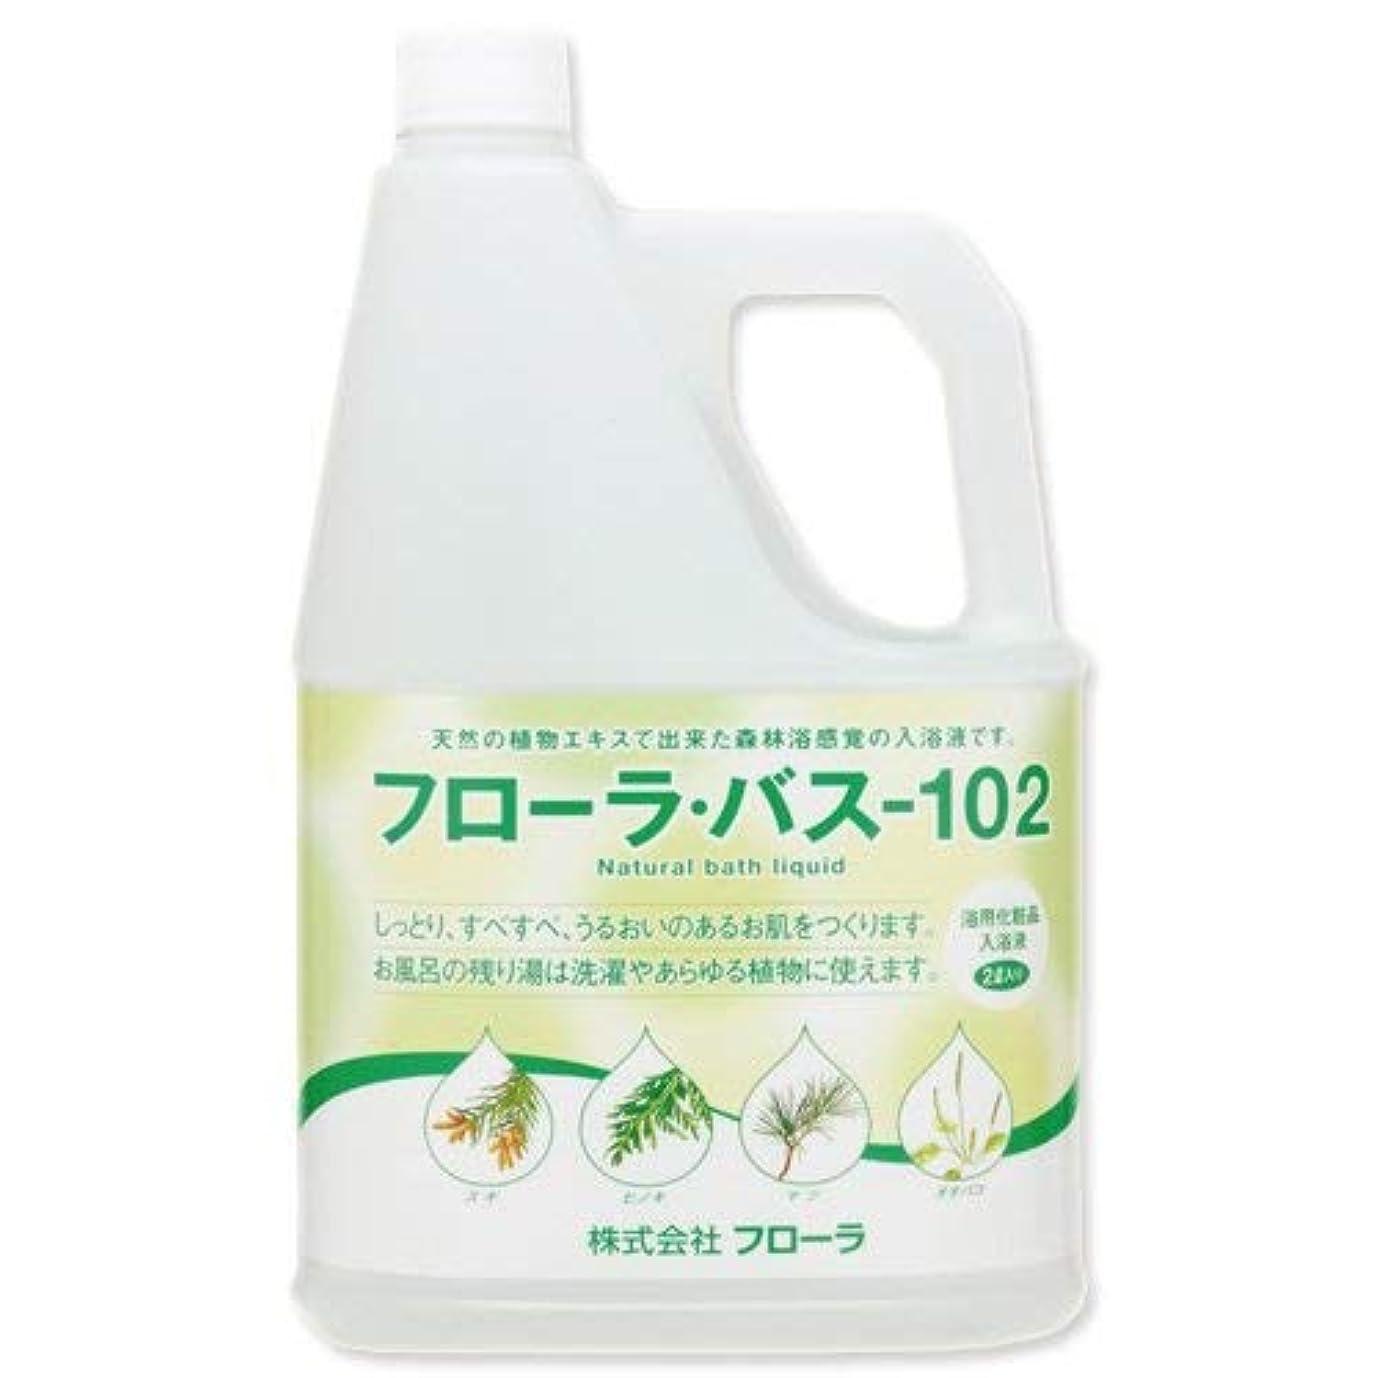 種をまく直径粘性の浴用化粧品 入浴液 フローラ?バス-102  2L